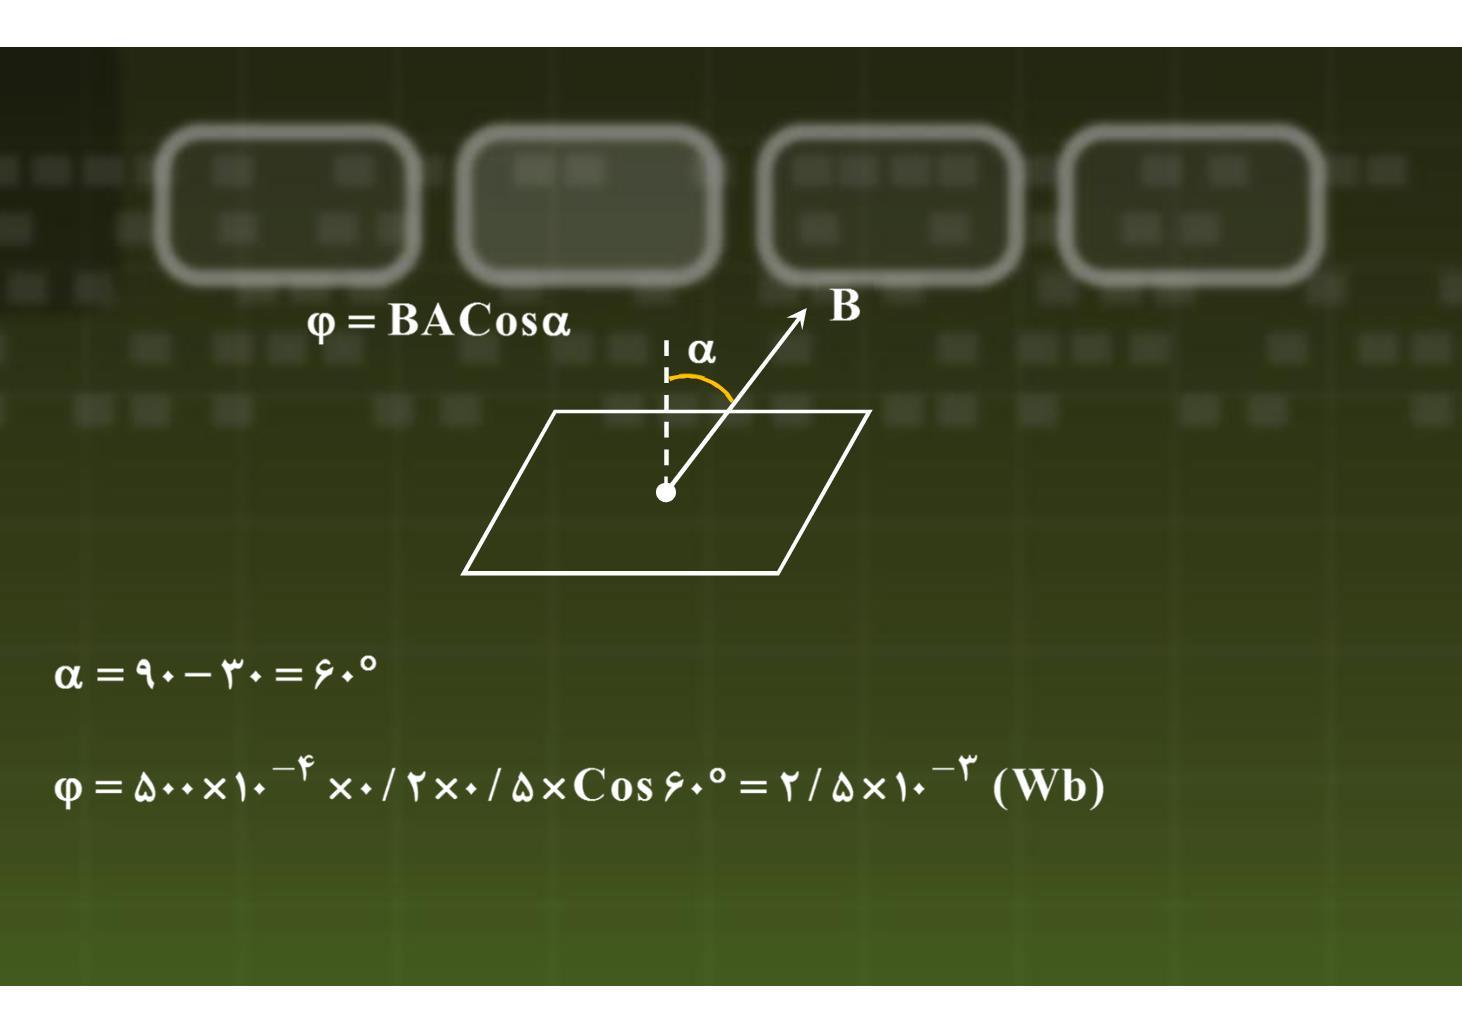 فیزیک ٣- فصل ۴ (فصل ۵ ریاضی) پدیدههای القای الکترومغناطیسسی و شار مغناطیسی- بخش ١ (PDF)